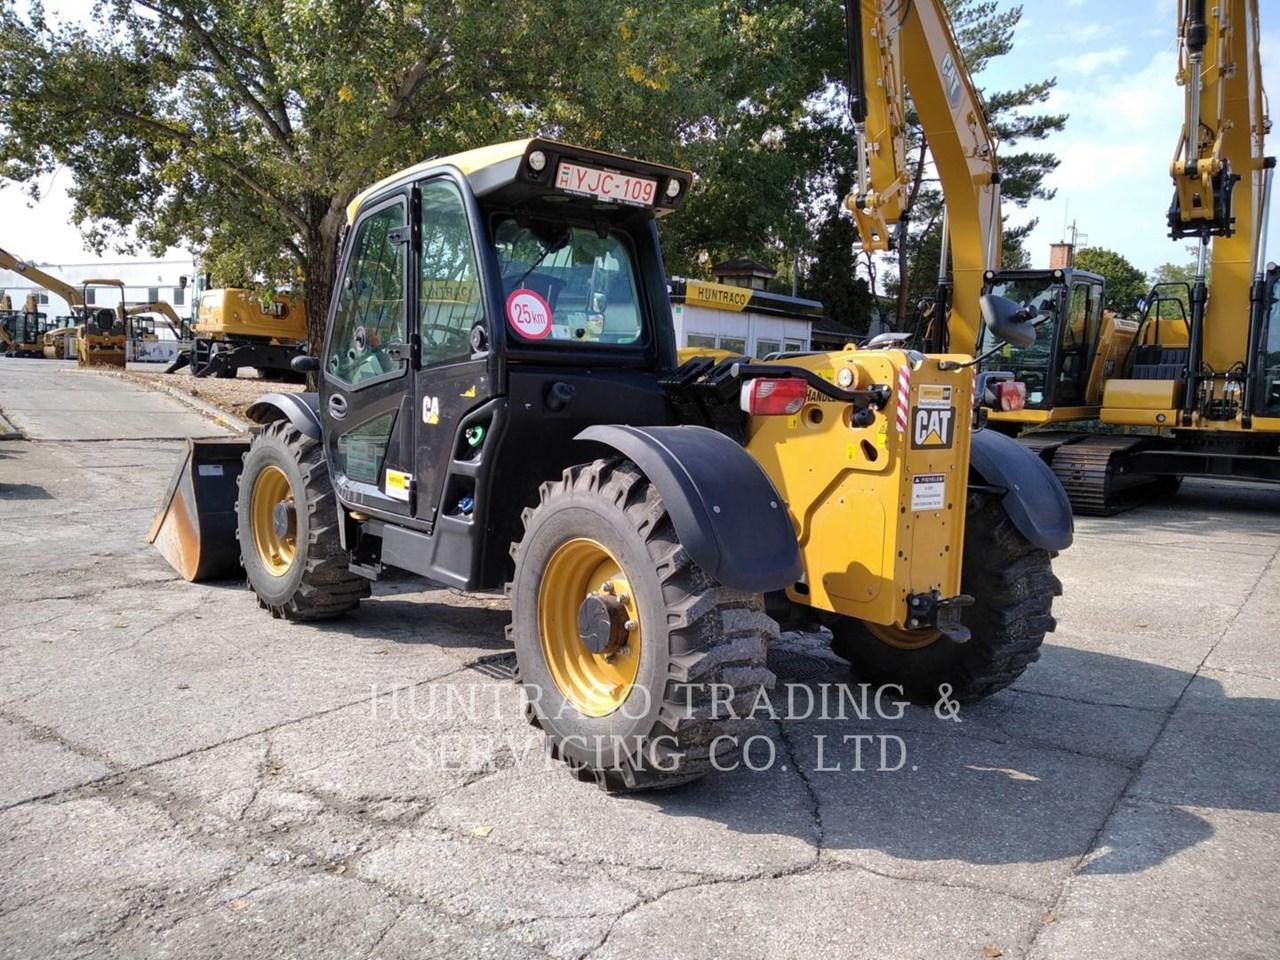 2018 Caterpillar TH357D Image 4